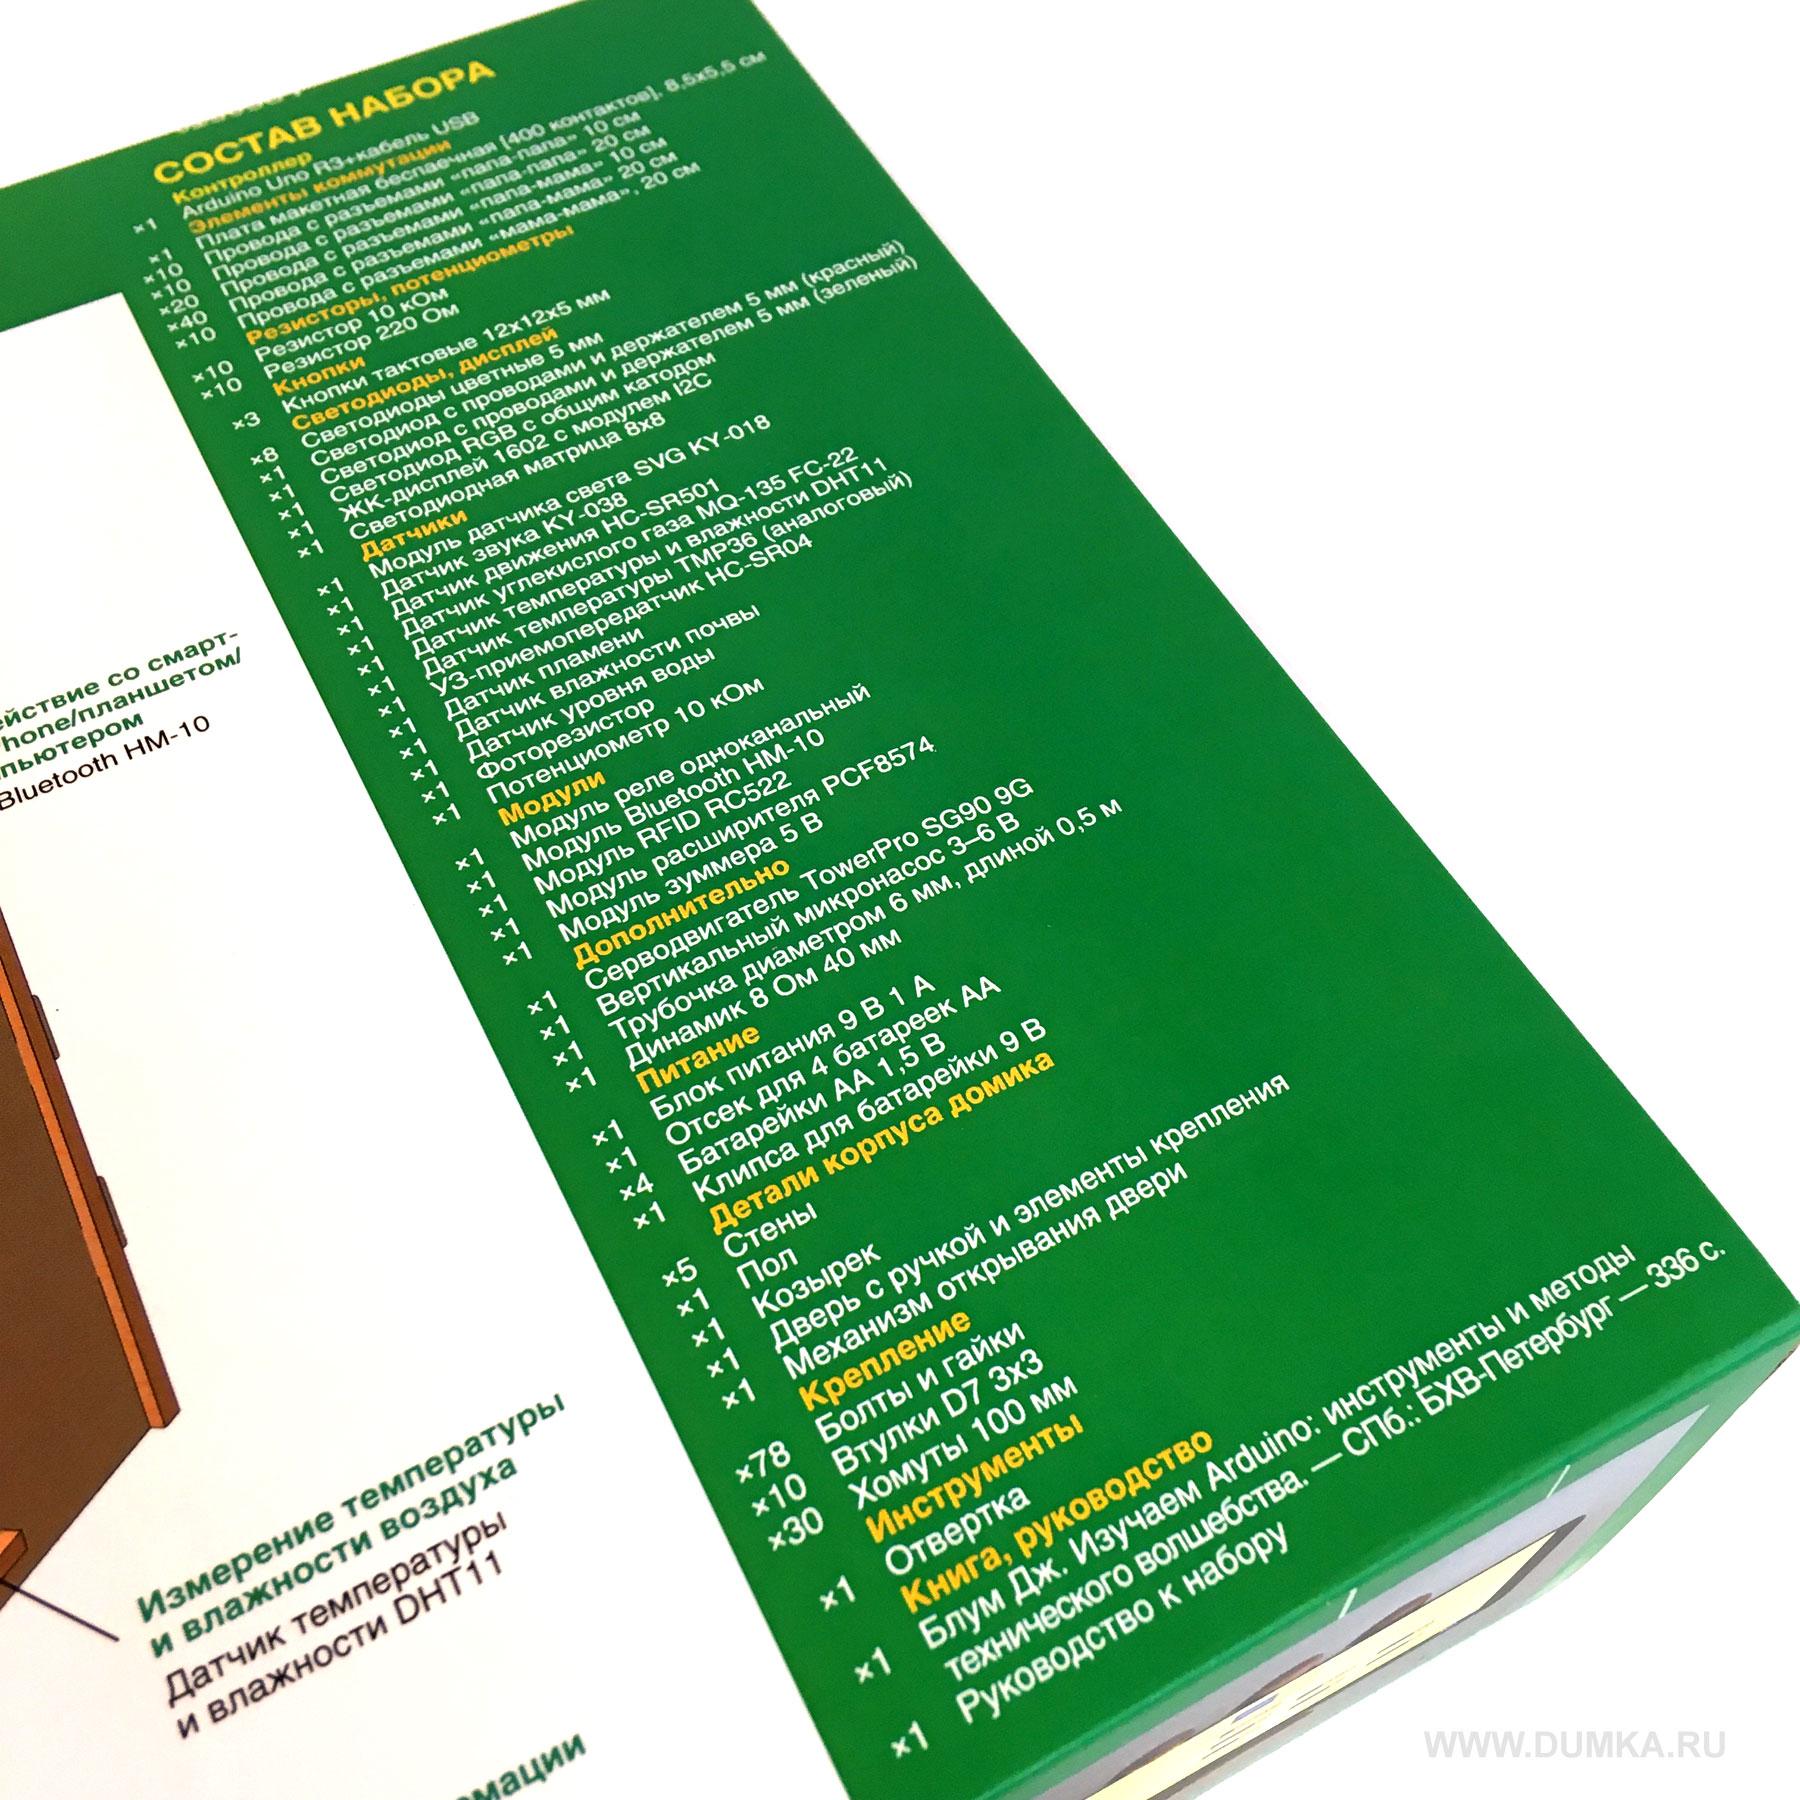 nabor-po-elektronike-umnyi-dom-na-baze-arduino-foto-tdx-978-5-9775-6608-7-06.jpg